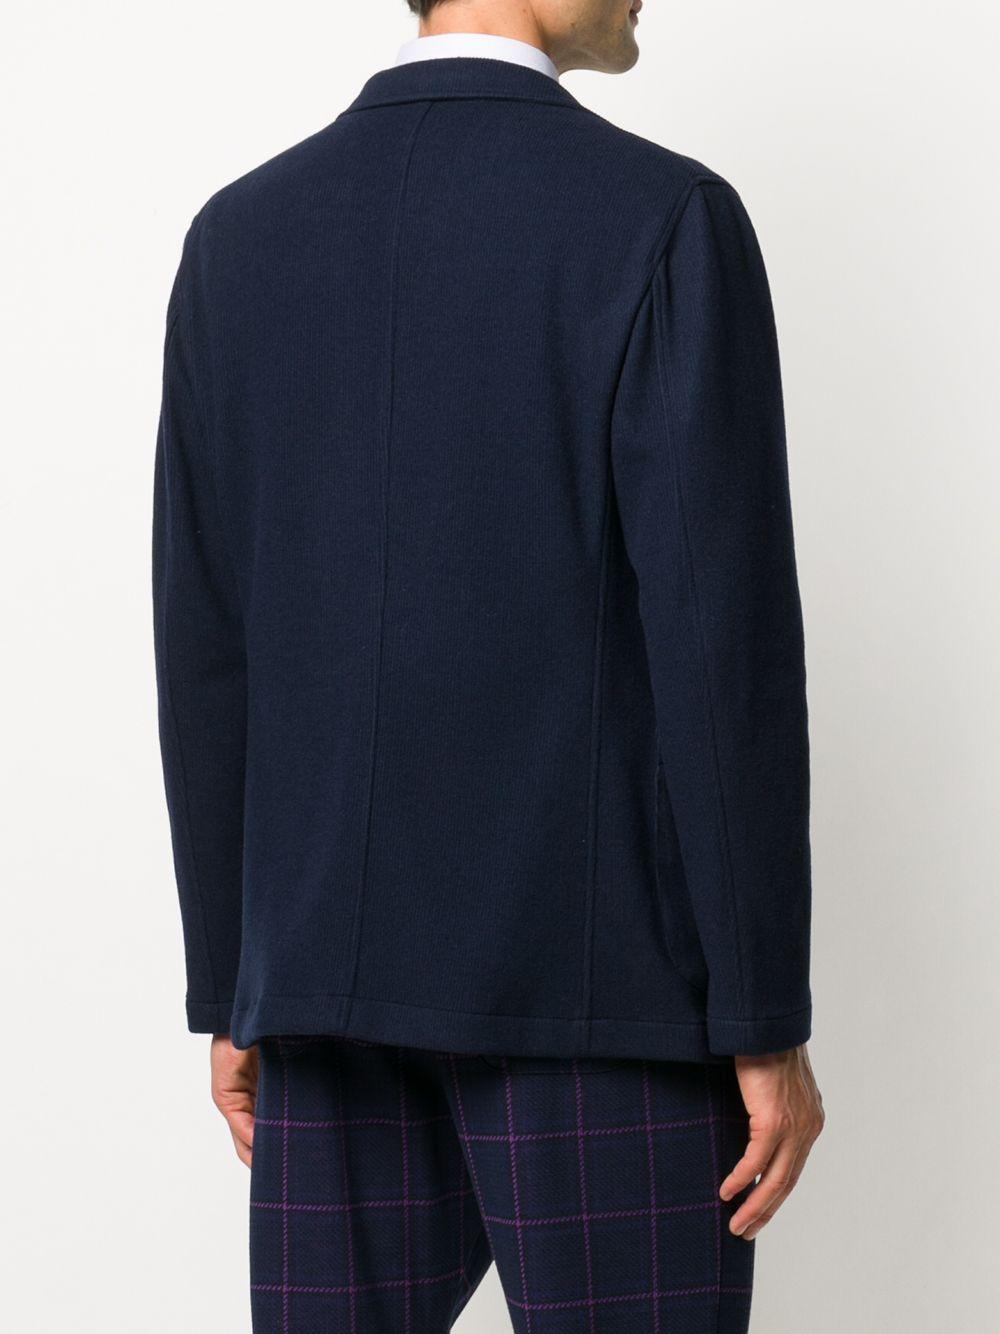 Blazer in twill leggero di misto lana vergine e cotone blu navy con revers a dente BOGLIOLI   Giacche   OG0062M-BSC0180790